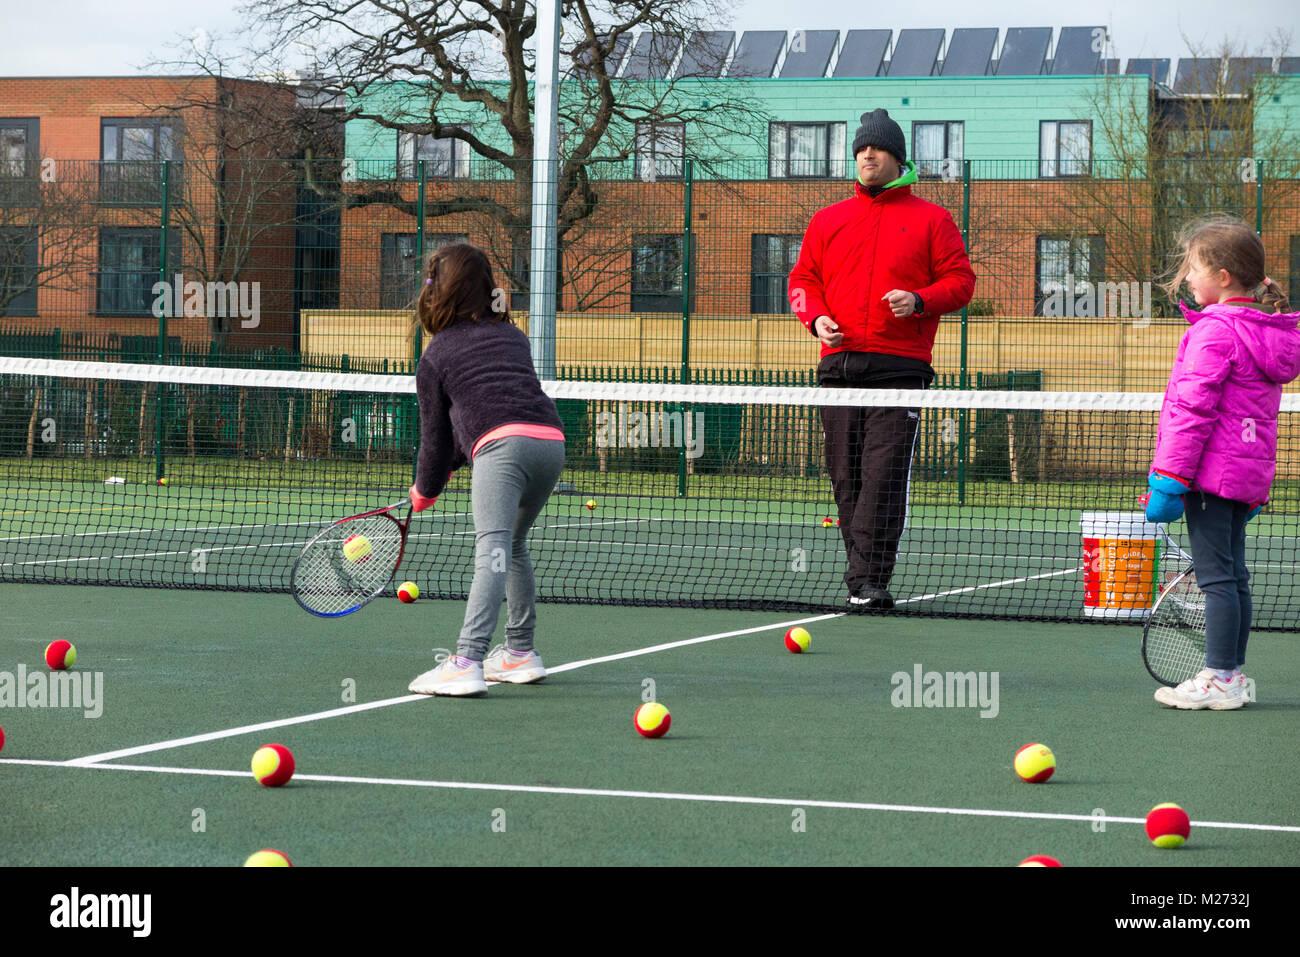 Sesión de entrenamiento de tenis para niños / lección teniendo lugar sobre una pista de tenis de Imagen De Stock